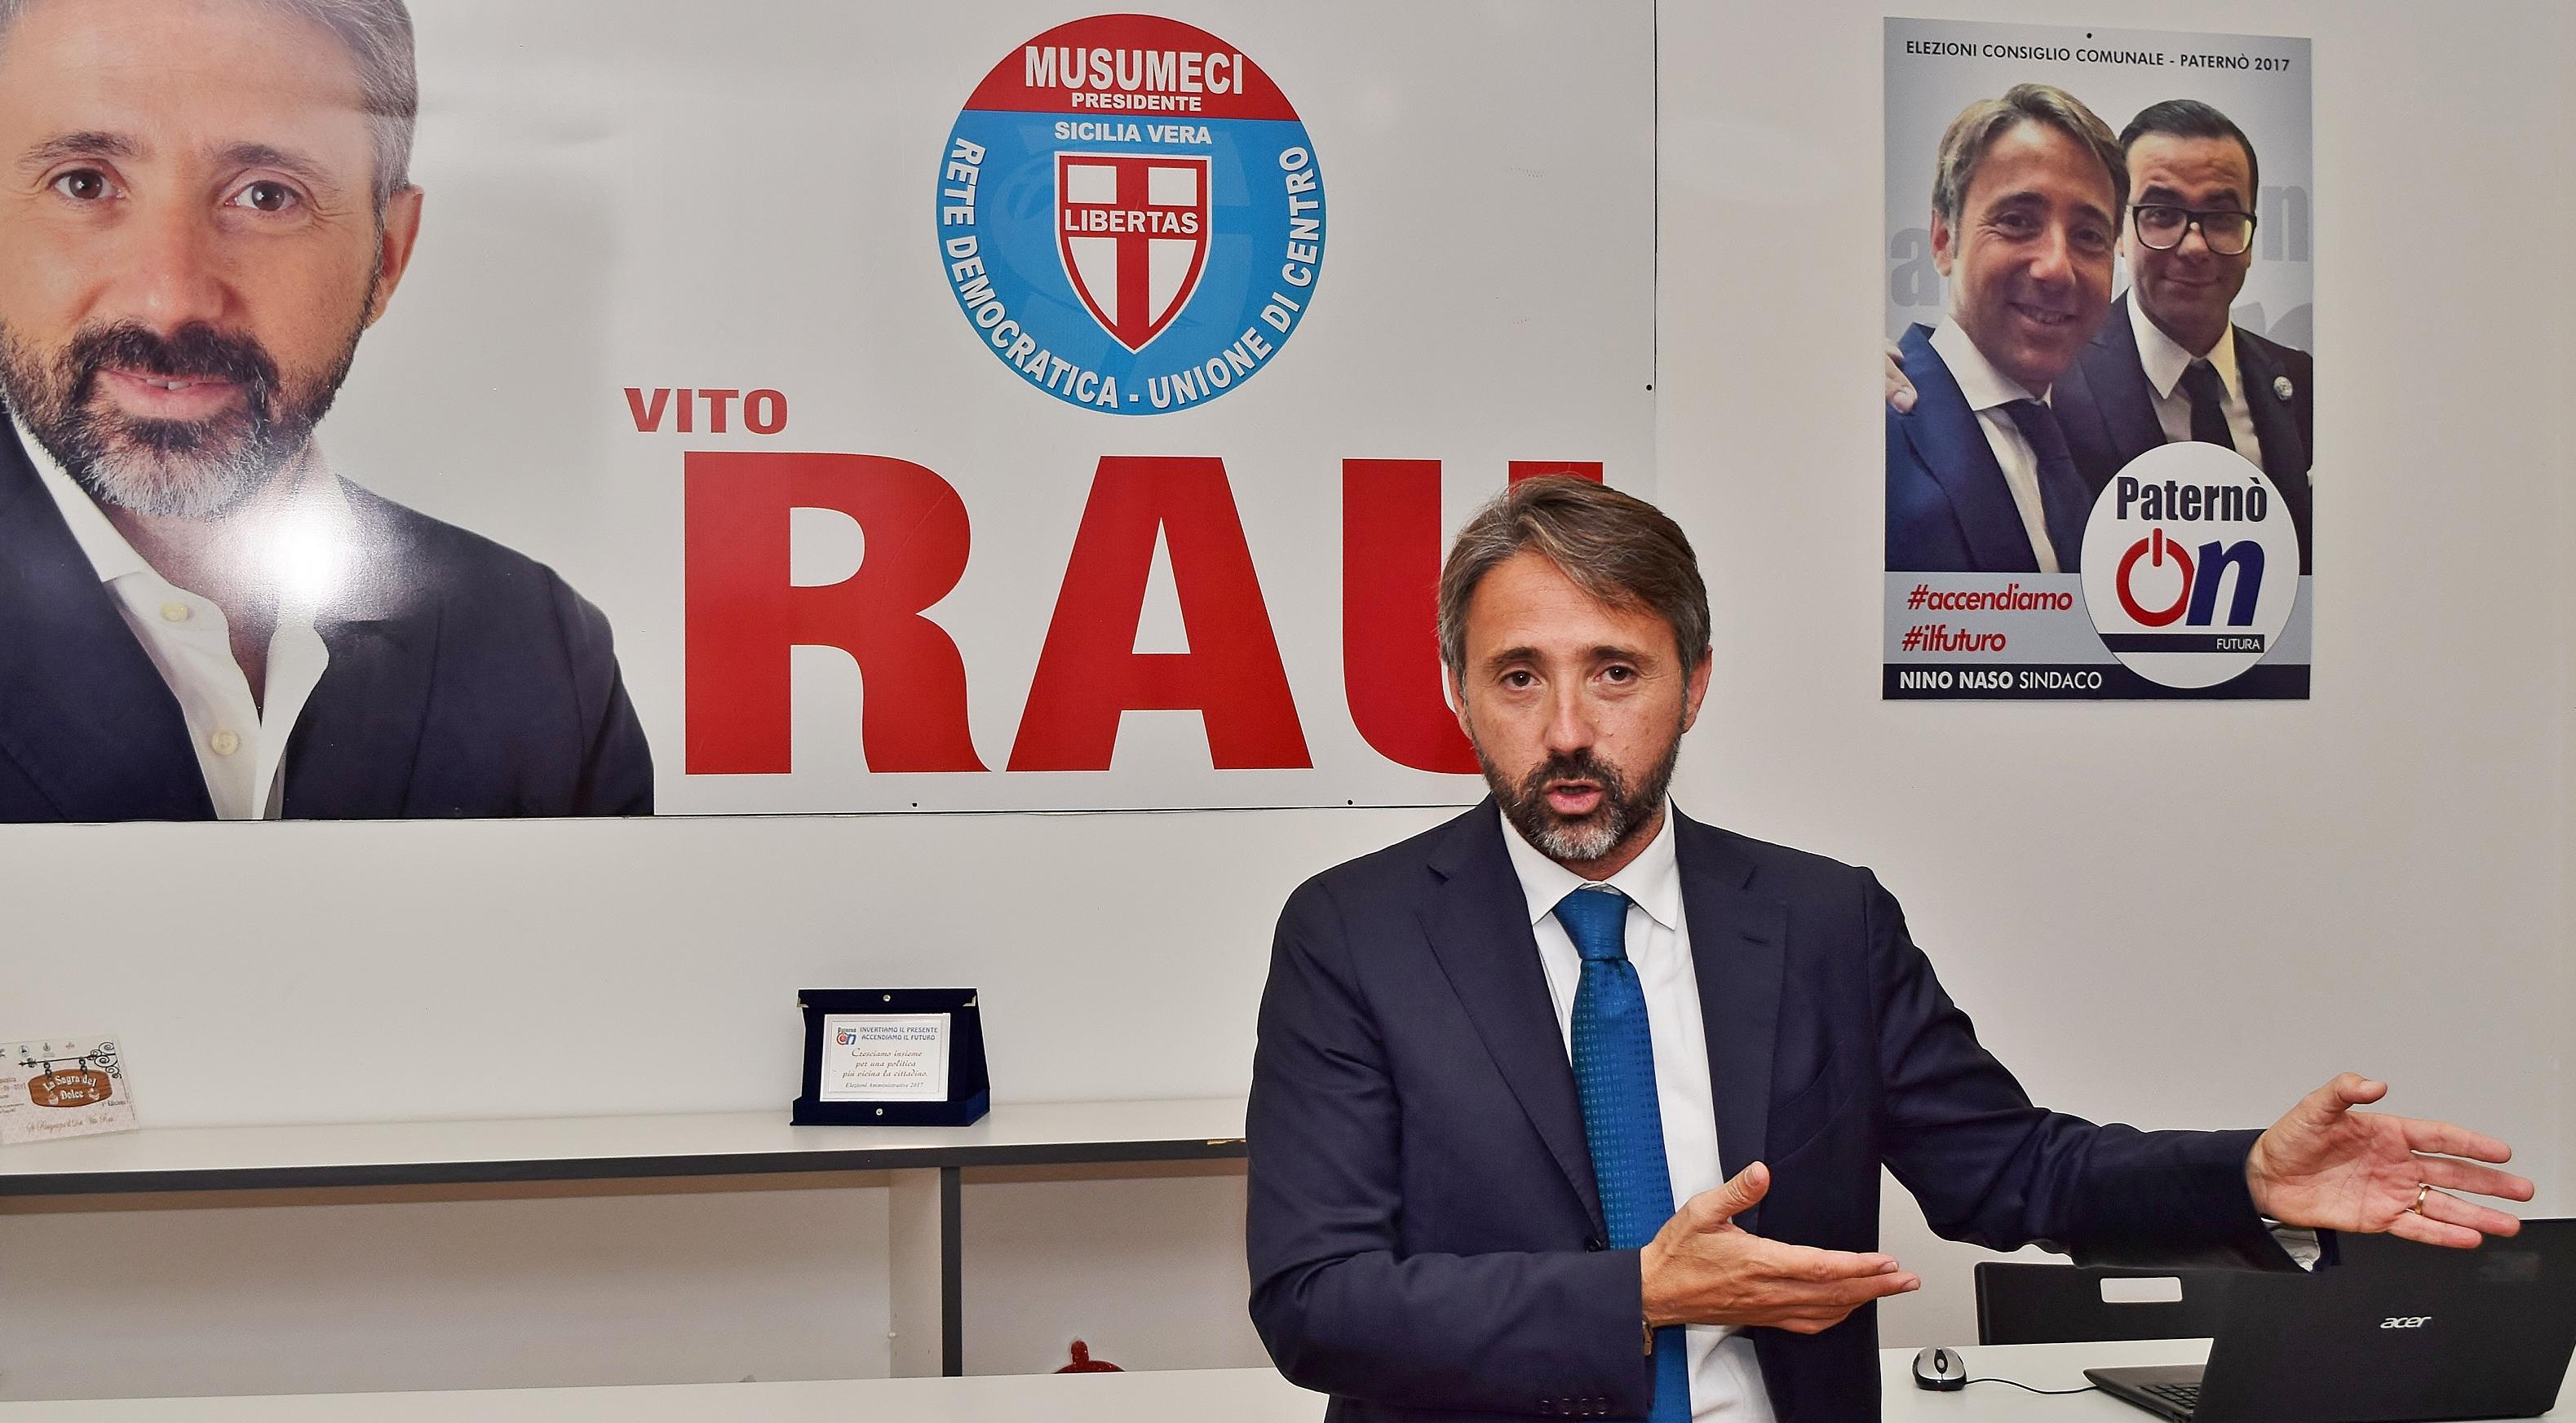 Vito Rau (Foto: Antonino Carobene)